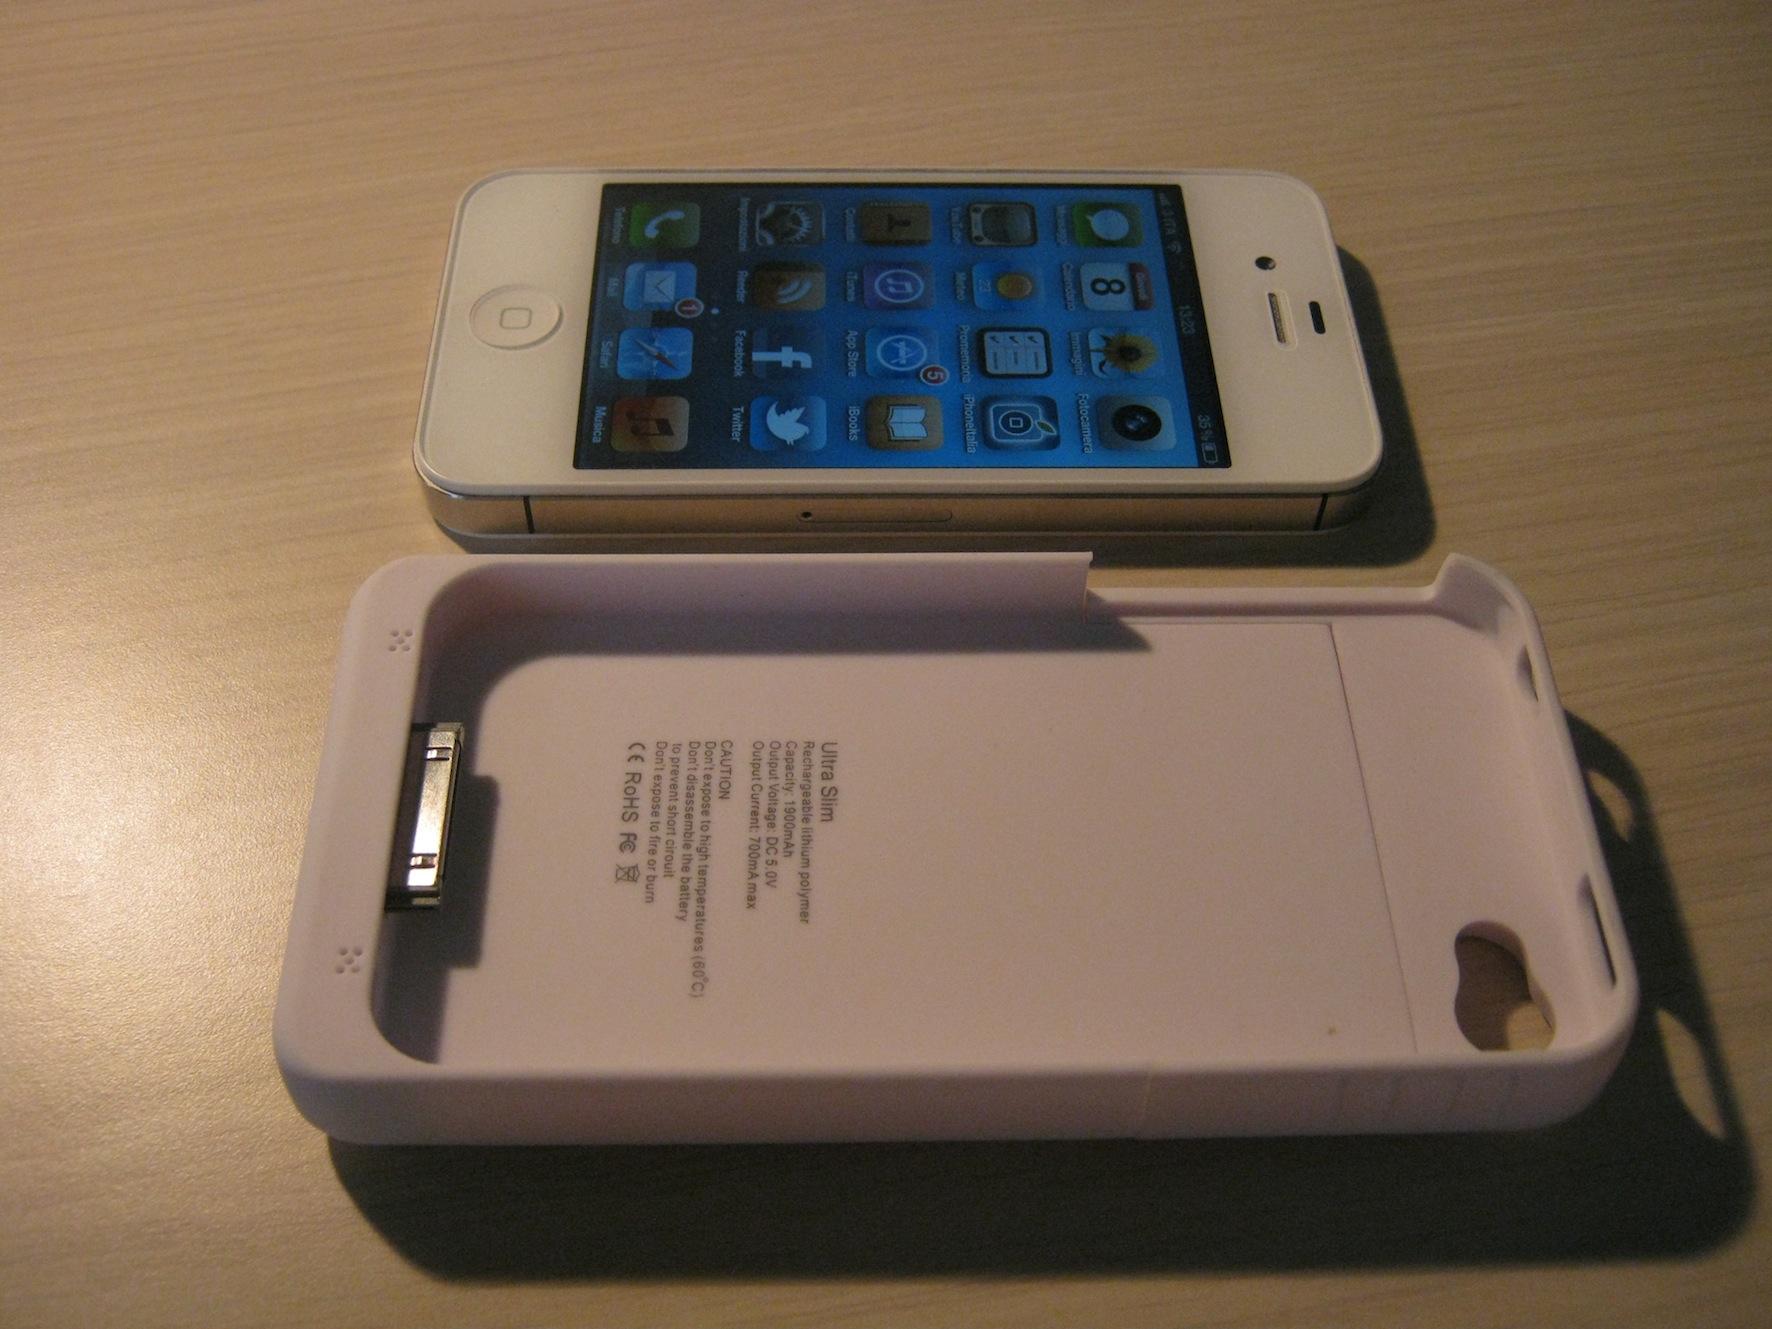 custodia batteria iphone 4s